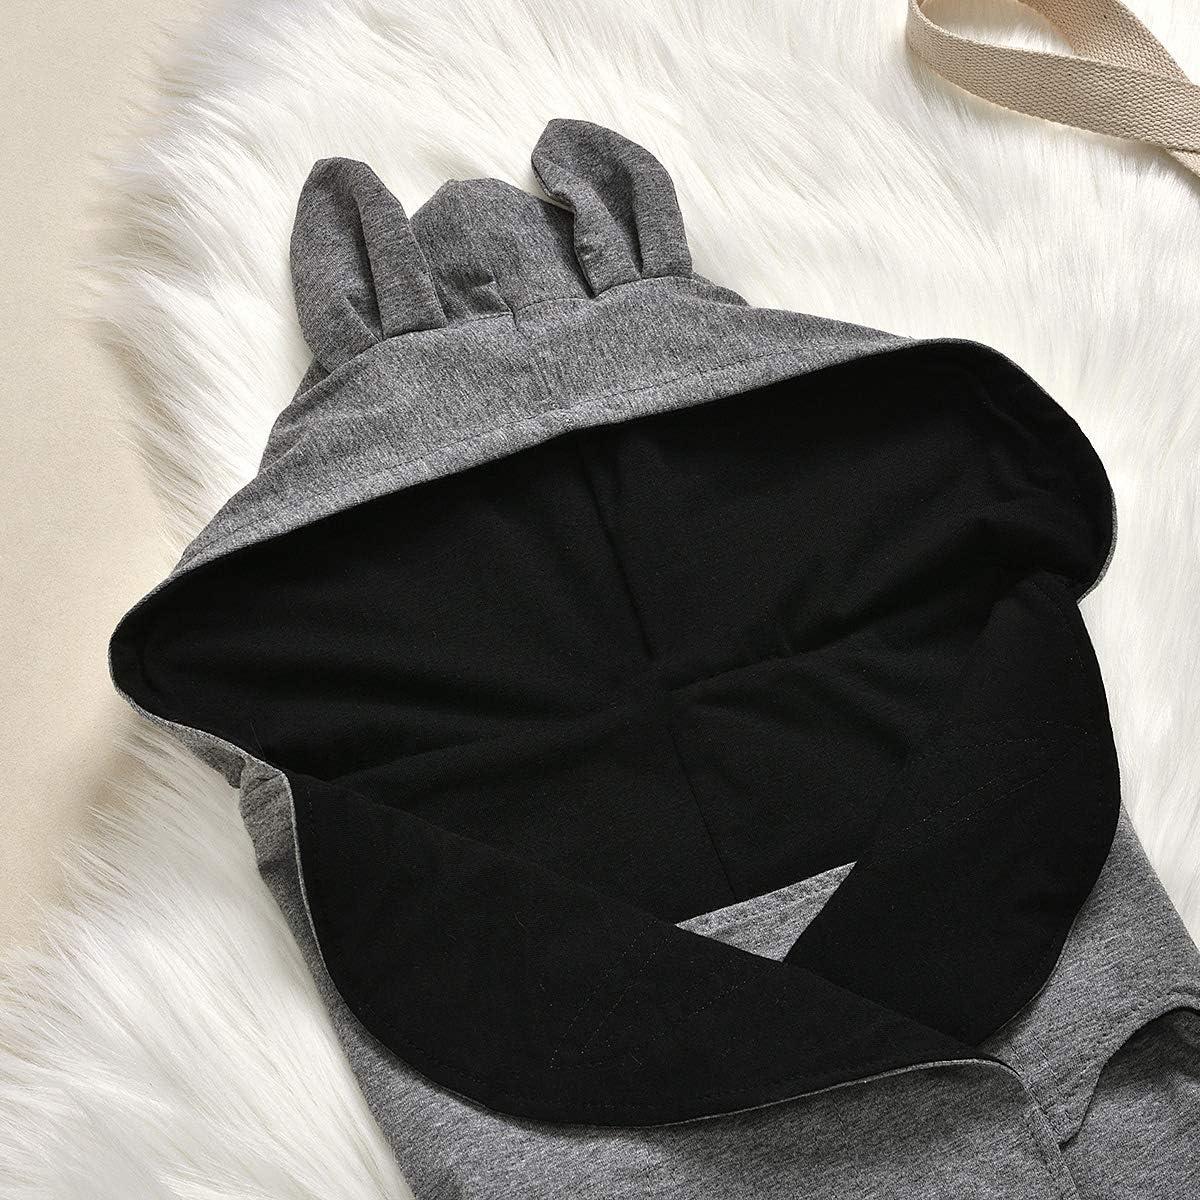 Yunnyp Baby Bat Hooded Sleeping Bag,Baby Cute Bat Sleeping Bag Newborn Hooded Cotton Swaddle Sleep Sack Crib Wrap